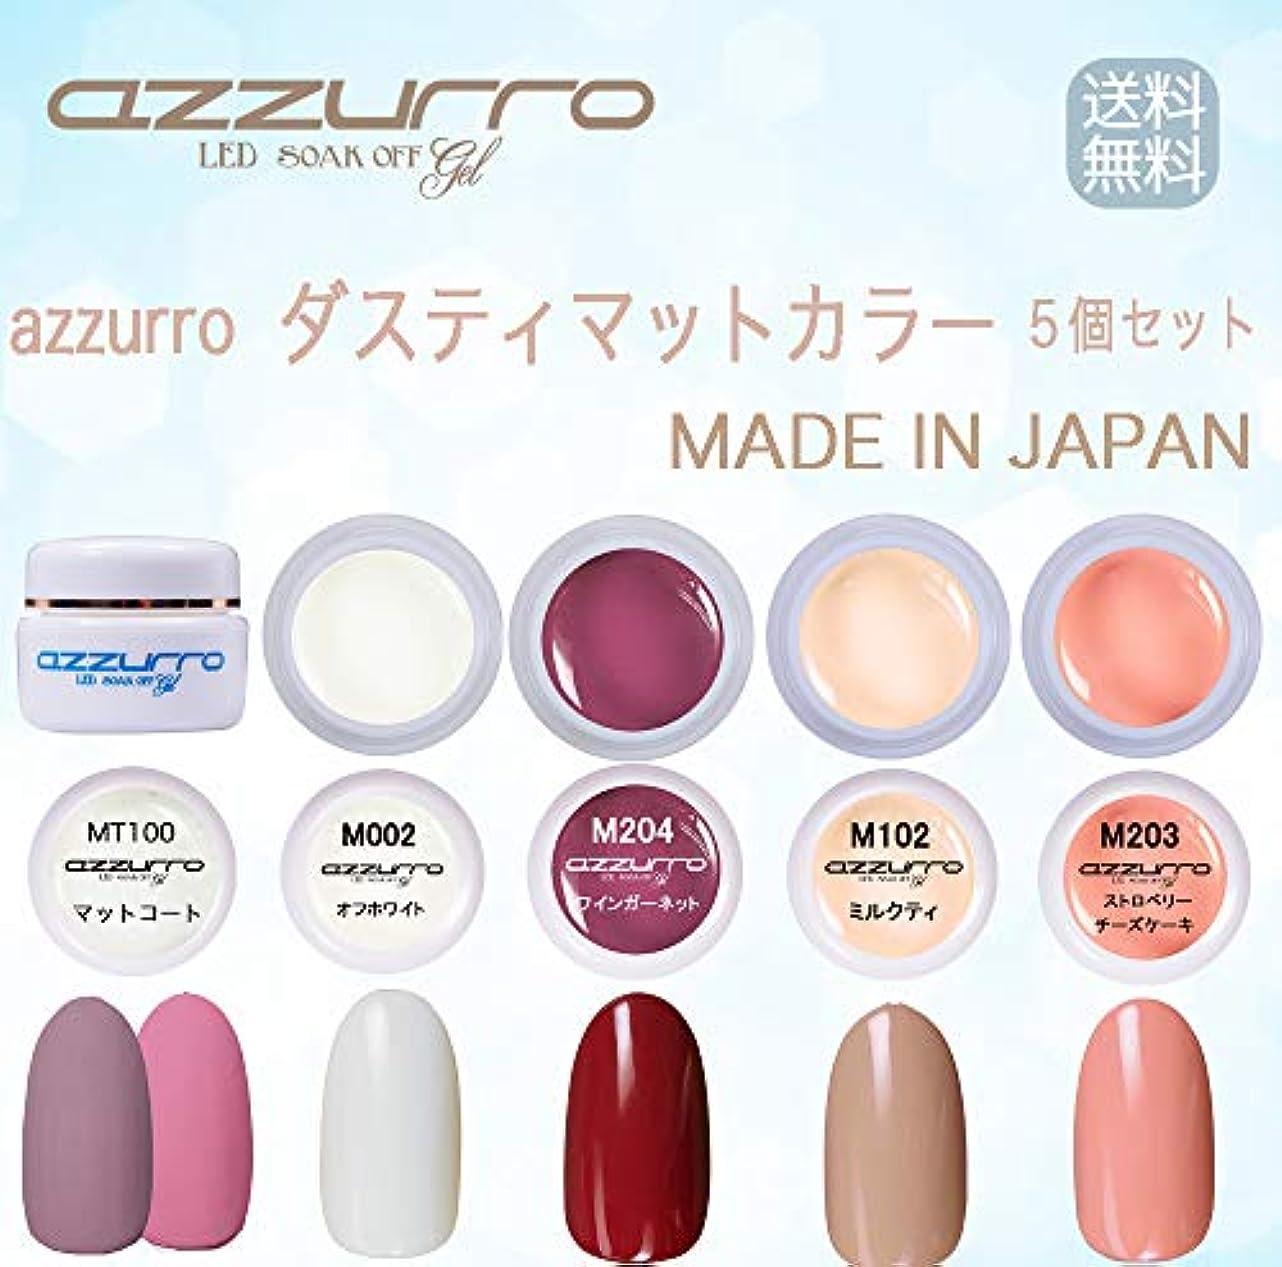 ロードされた元の近代化する【送料無料】日本製 azzurro gel ダスティマットカラージェル5個セット 春ネイルにぴったりなダスティなマットカラー